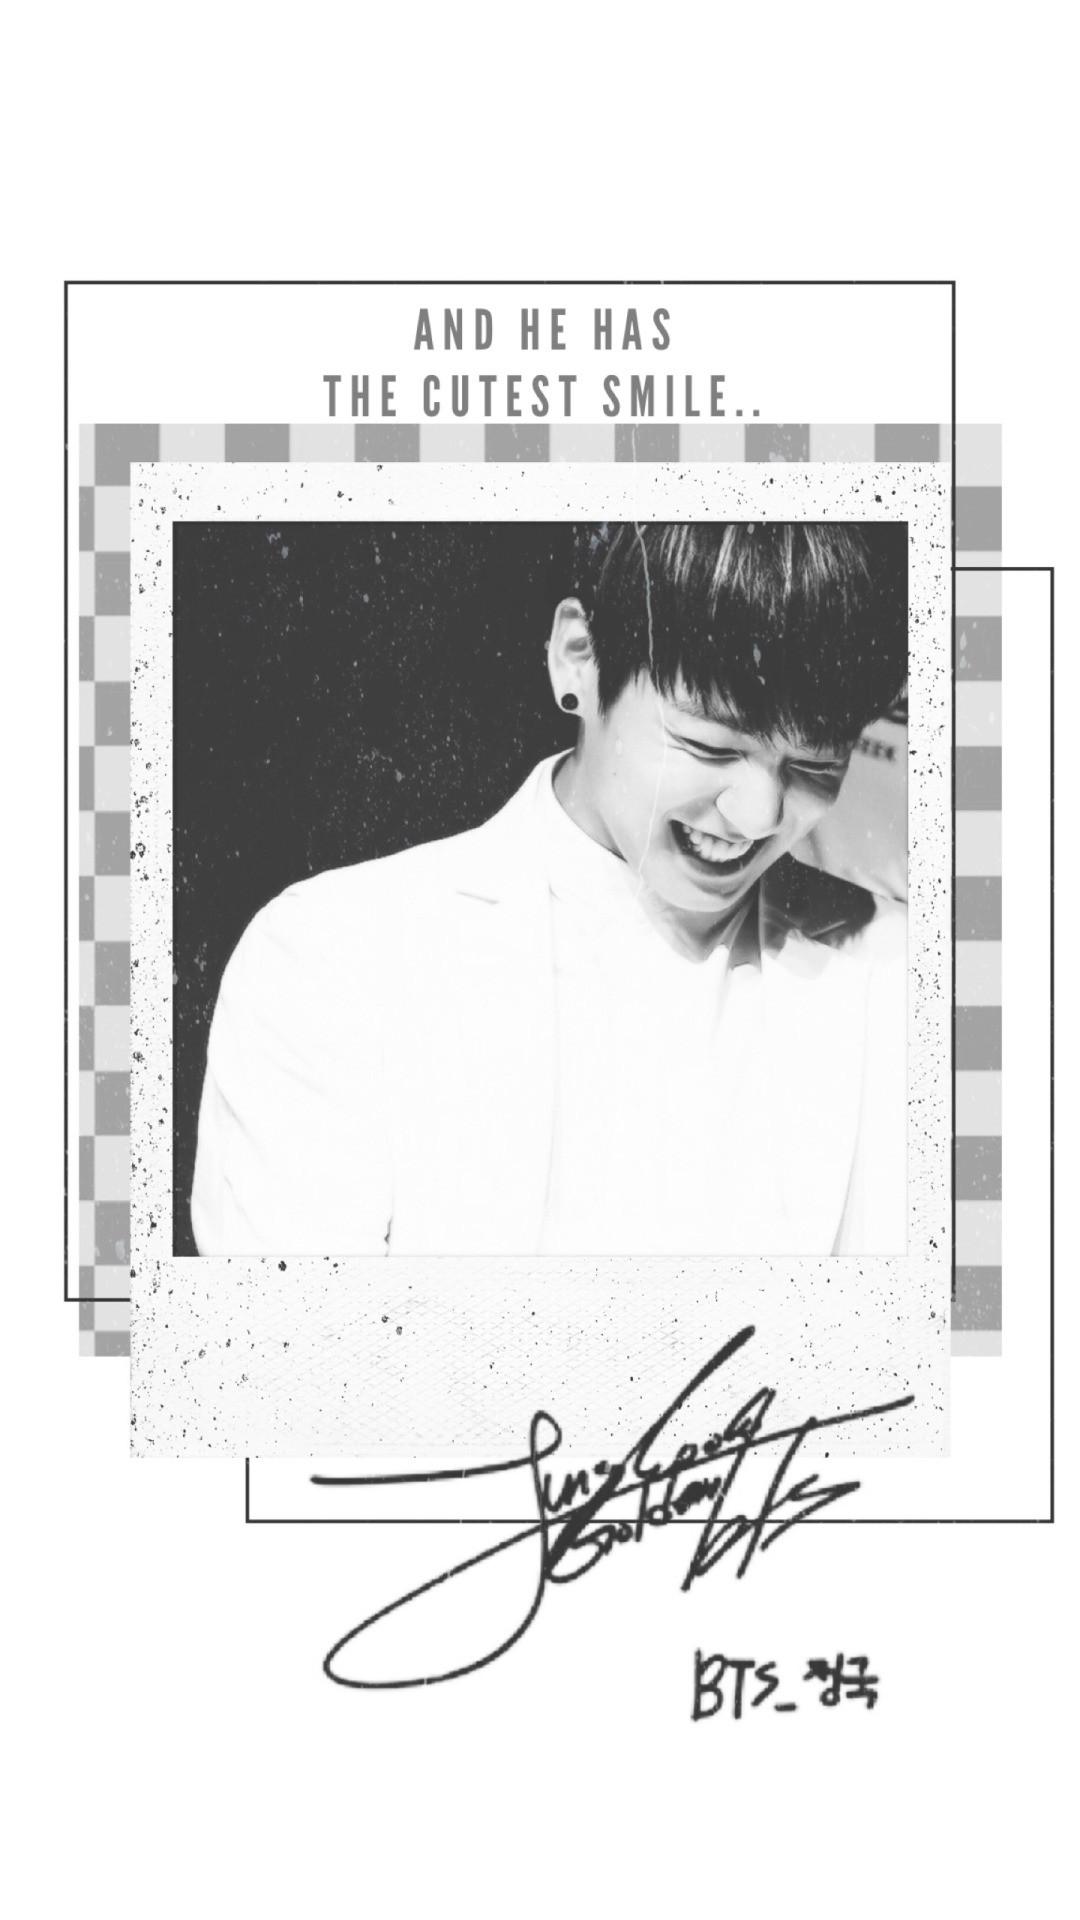 Jungkook Wallpaper For Phone Kpop Dont Touch My Phone Lockscreen 1080x1920 Download Hd Wallpaper Wallpapertip